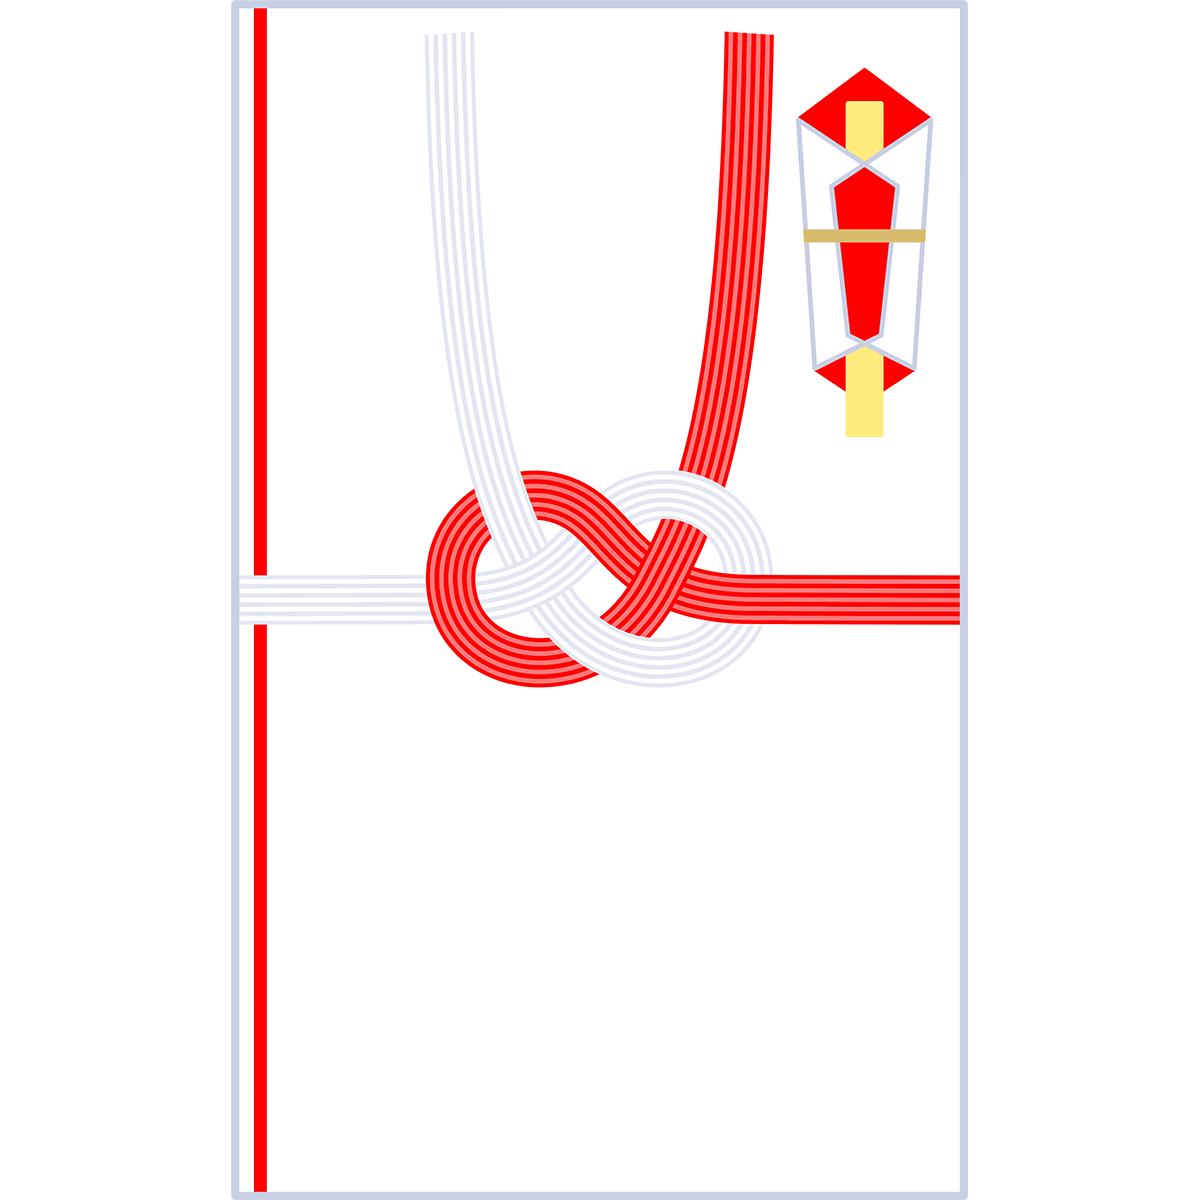 ご祝儀袋(あわじ結び)の無料イラスト